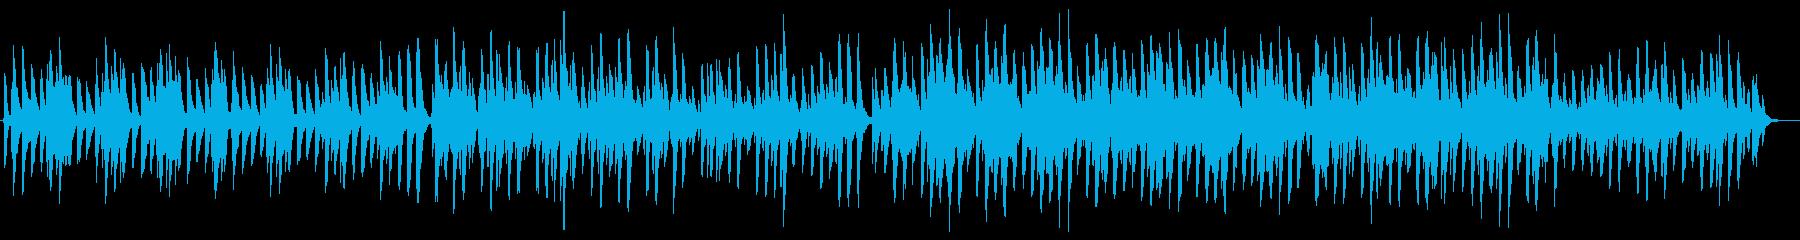 日常的な雰囲気の再生済みの波形